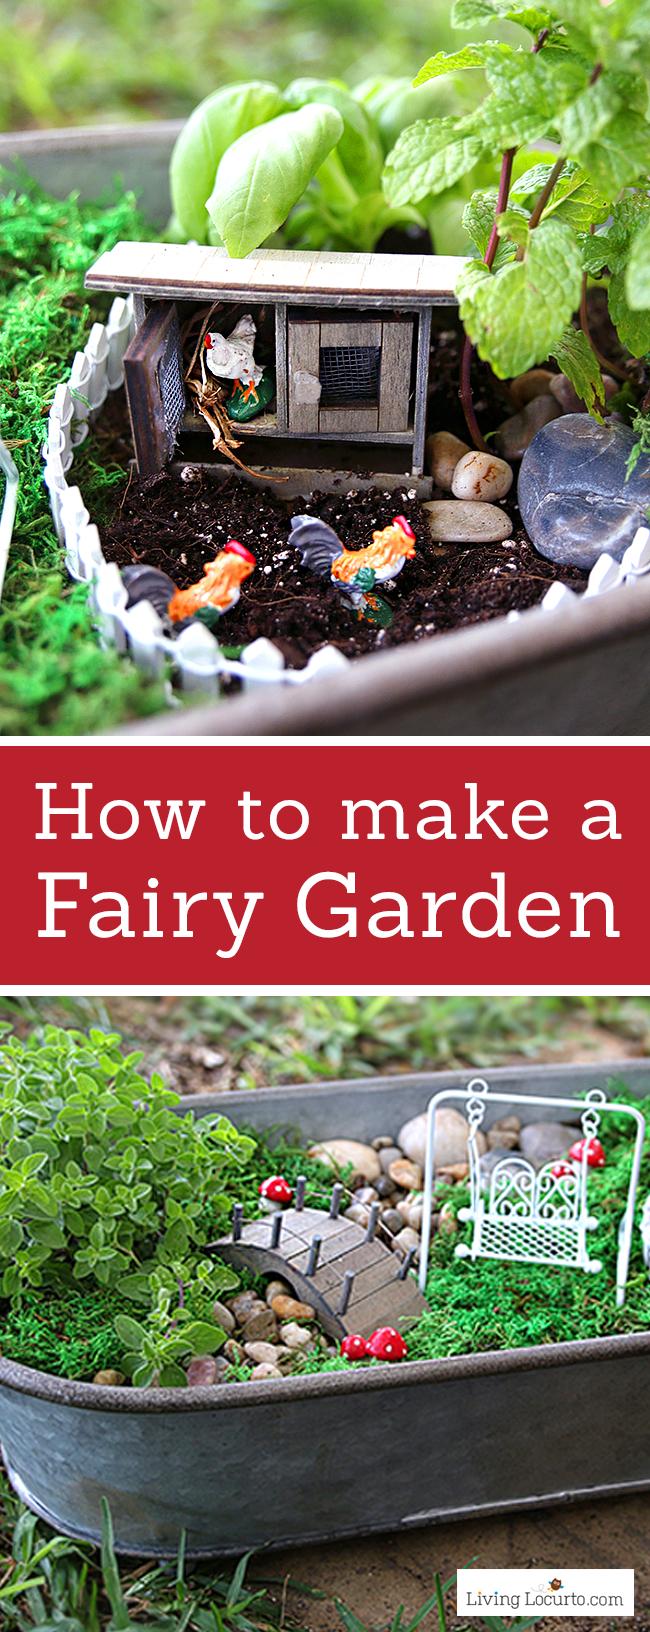 How to Make an Herb Fairy Garden | Mini fairy garden, Herbs and ...